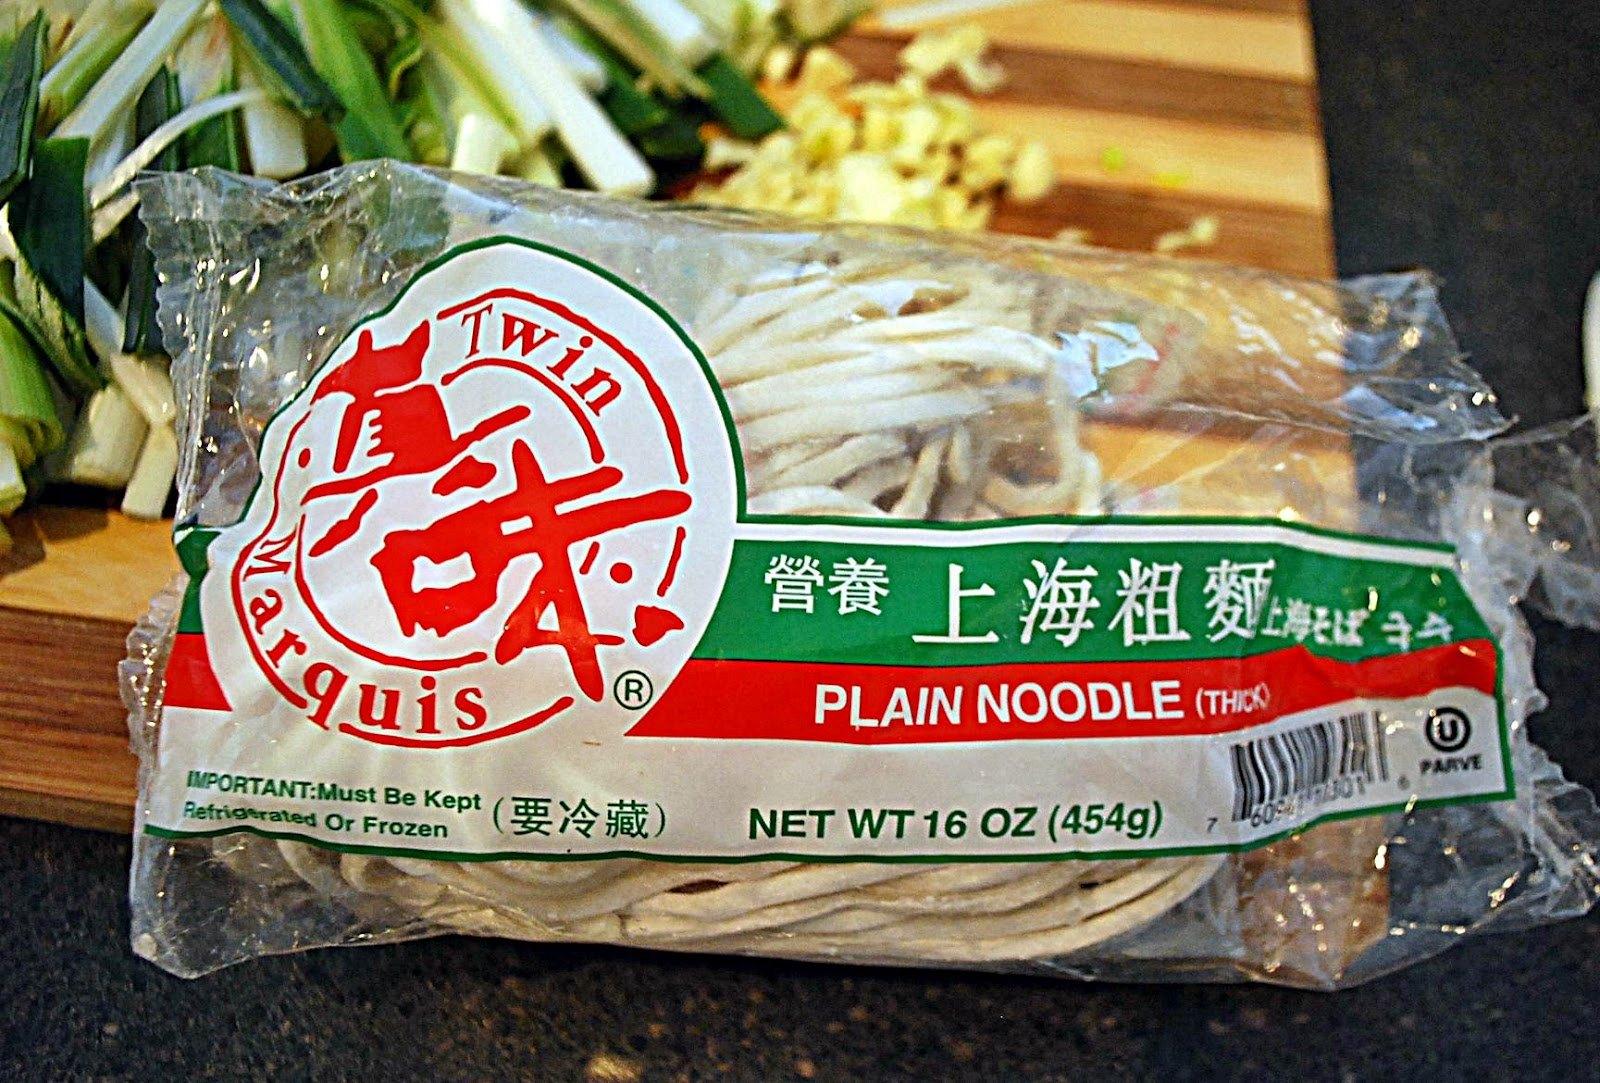 Negozi di cibo cinese a milano migliori 7 agrodolce for Una salsa da cucina cinese